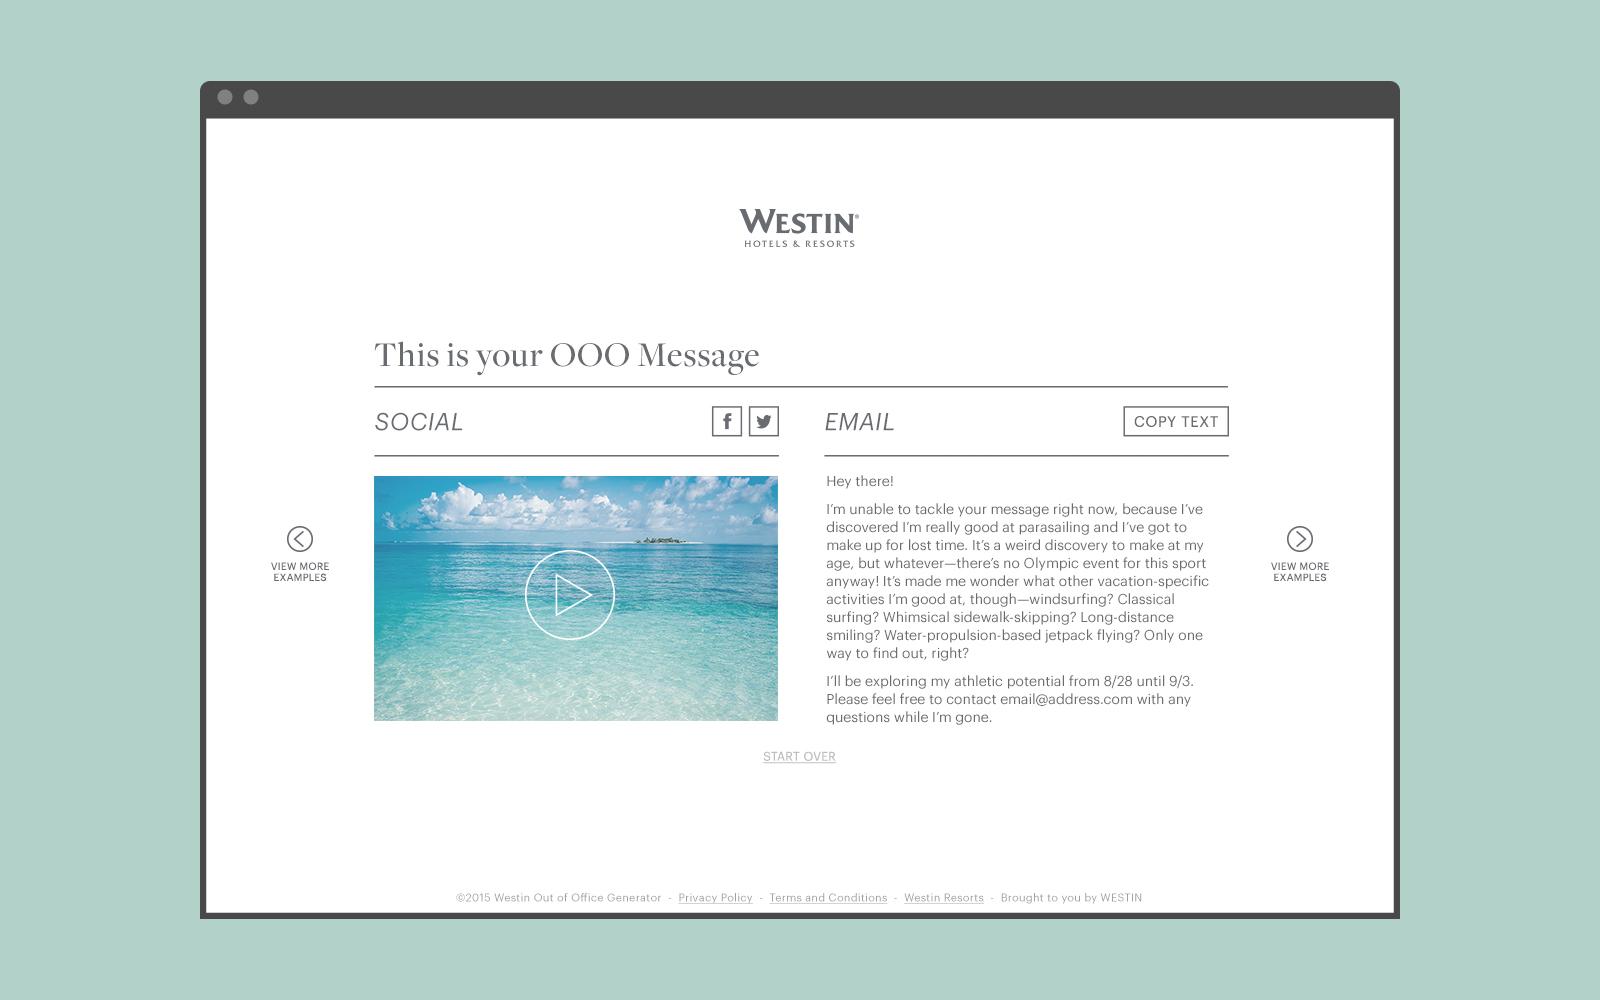 Westin_OOO_Browser_v1-7.jpg